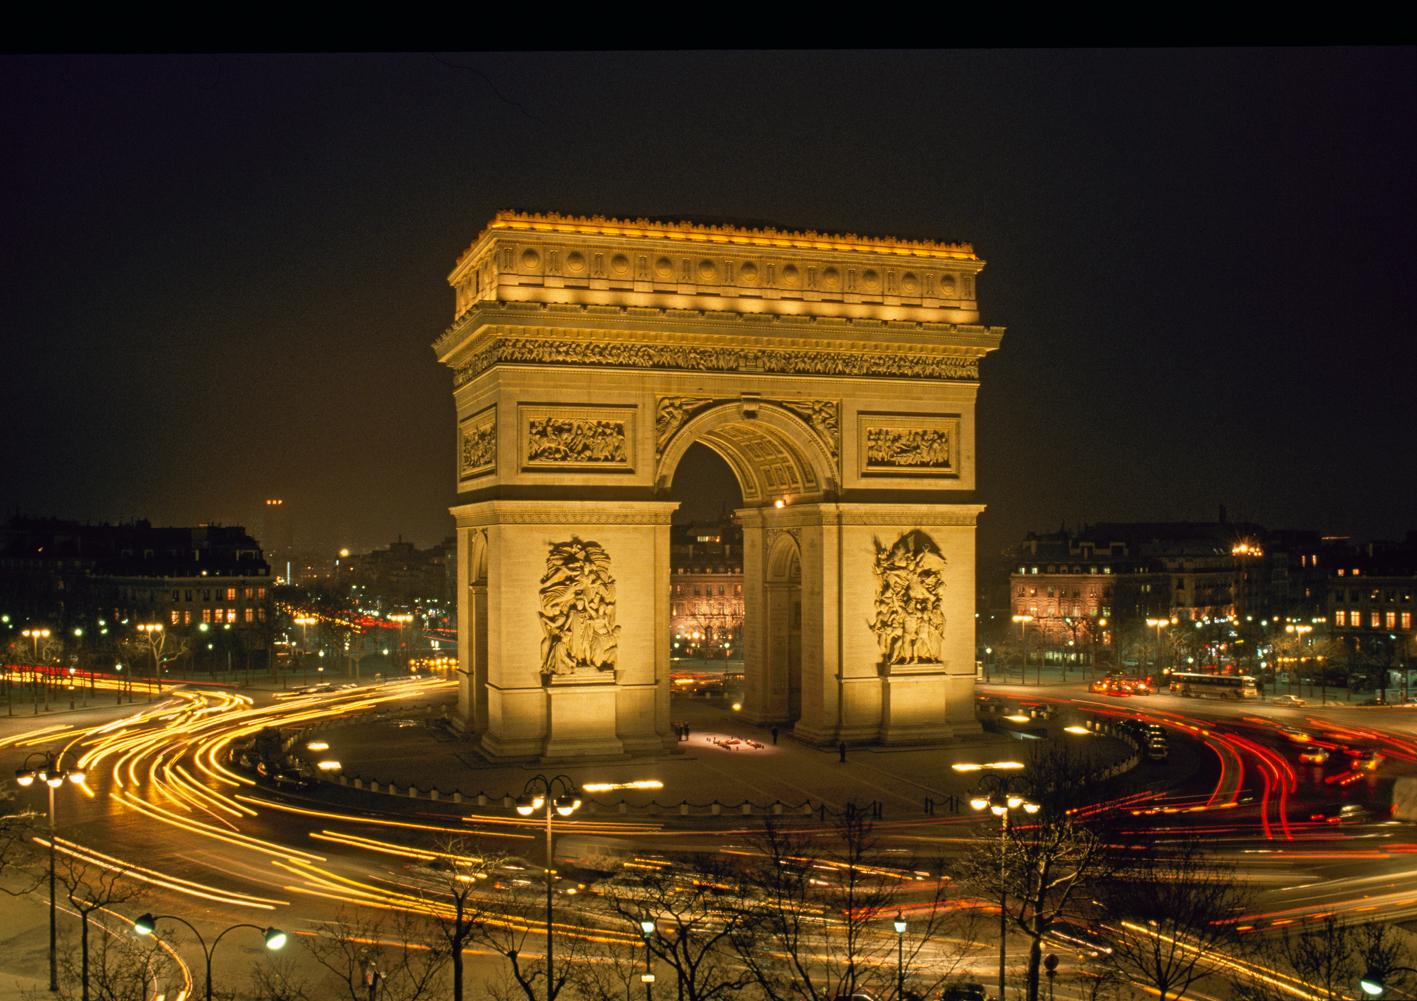 Arc de Triomphe%252C circulation de nuit place de l'Etoile%252C Paris J.-M. Charles-CMN%252C Paris